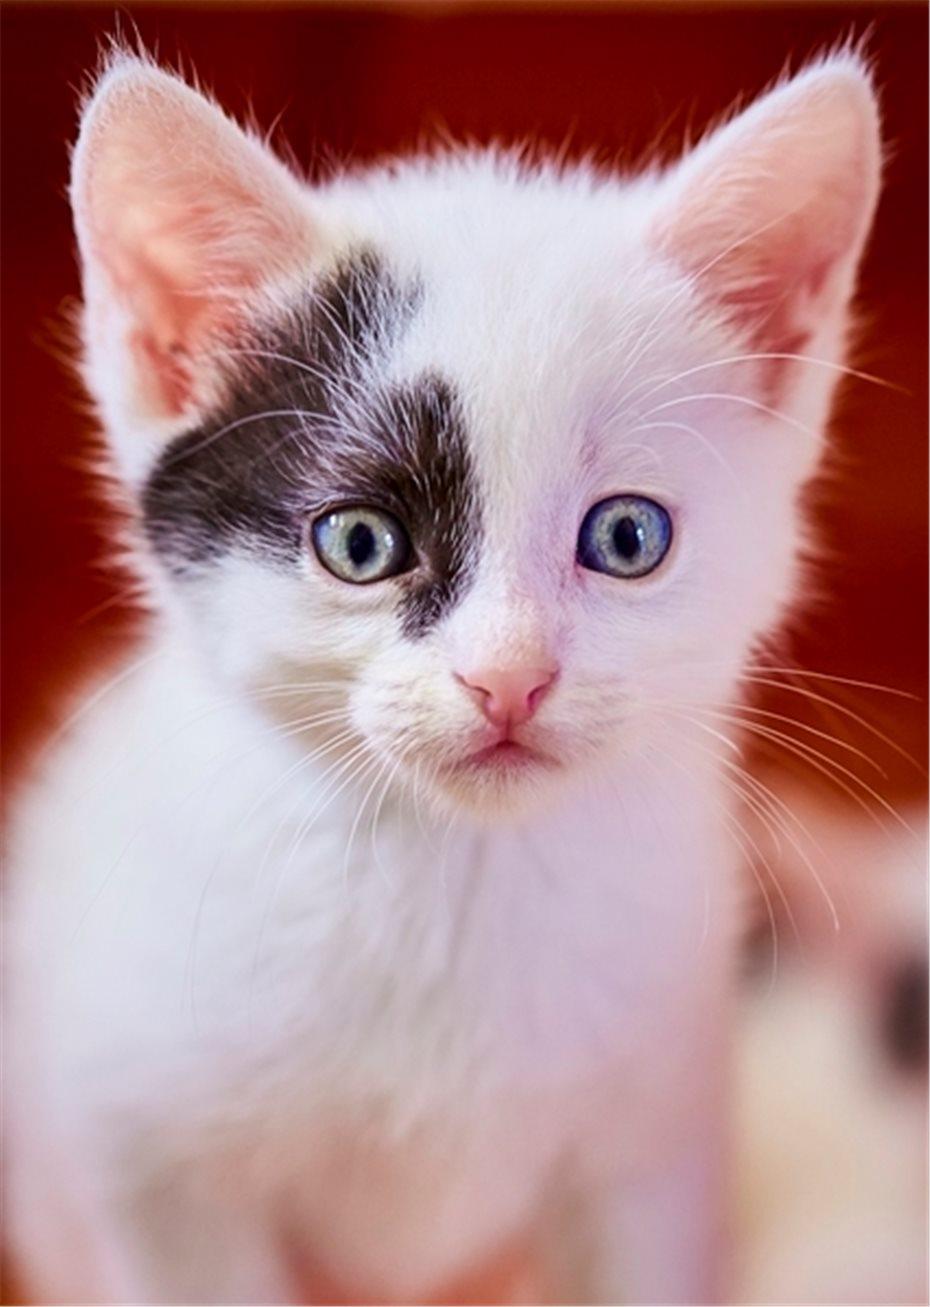 Katzenbabys Suchen Bald Ein Neues Zuhause